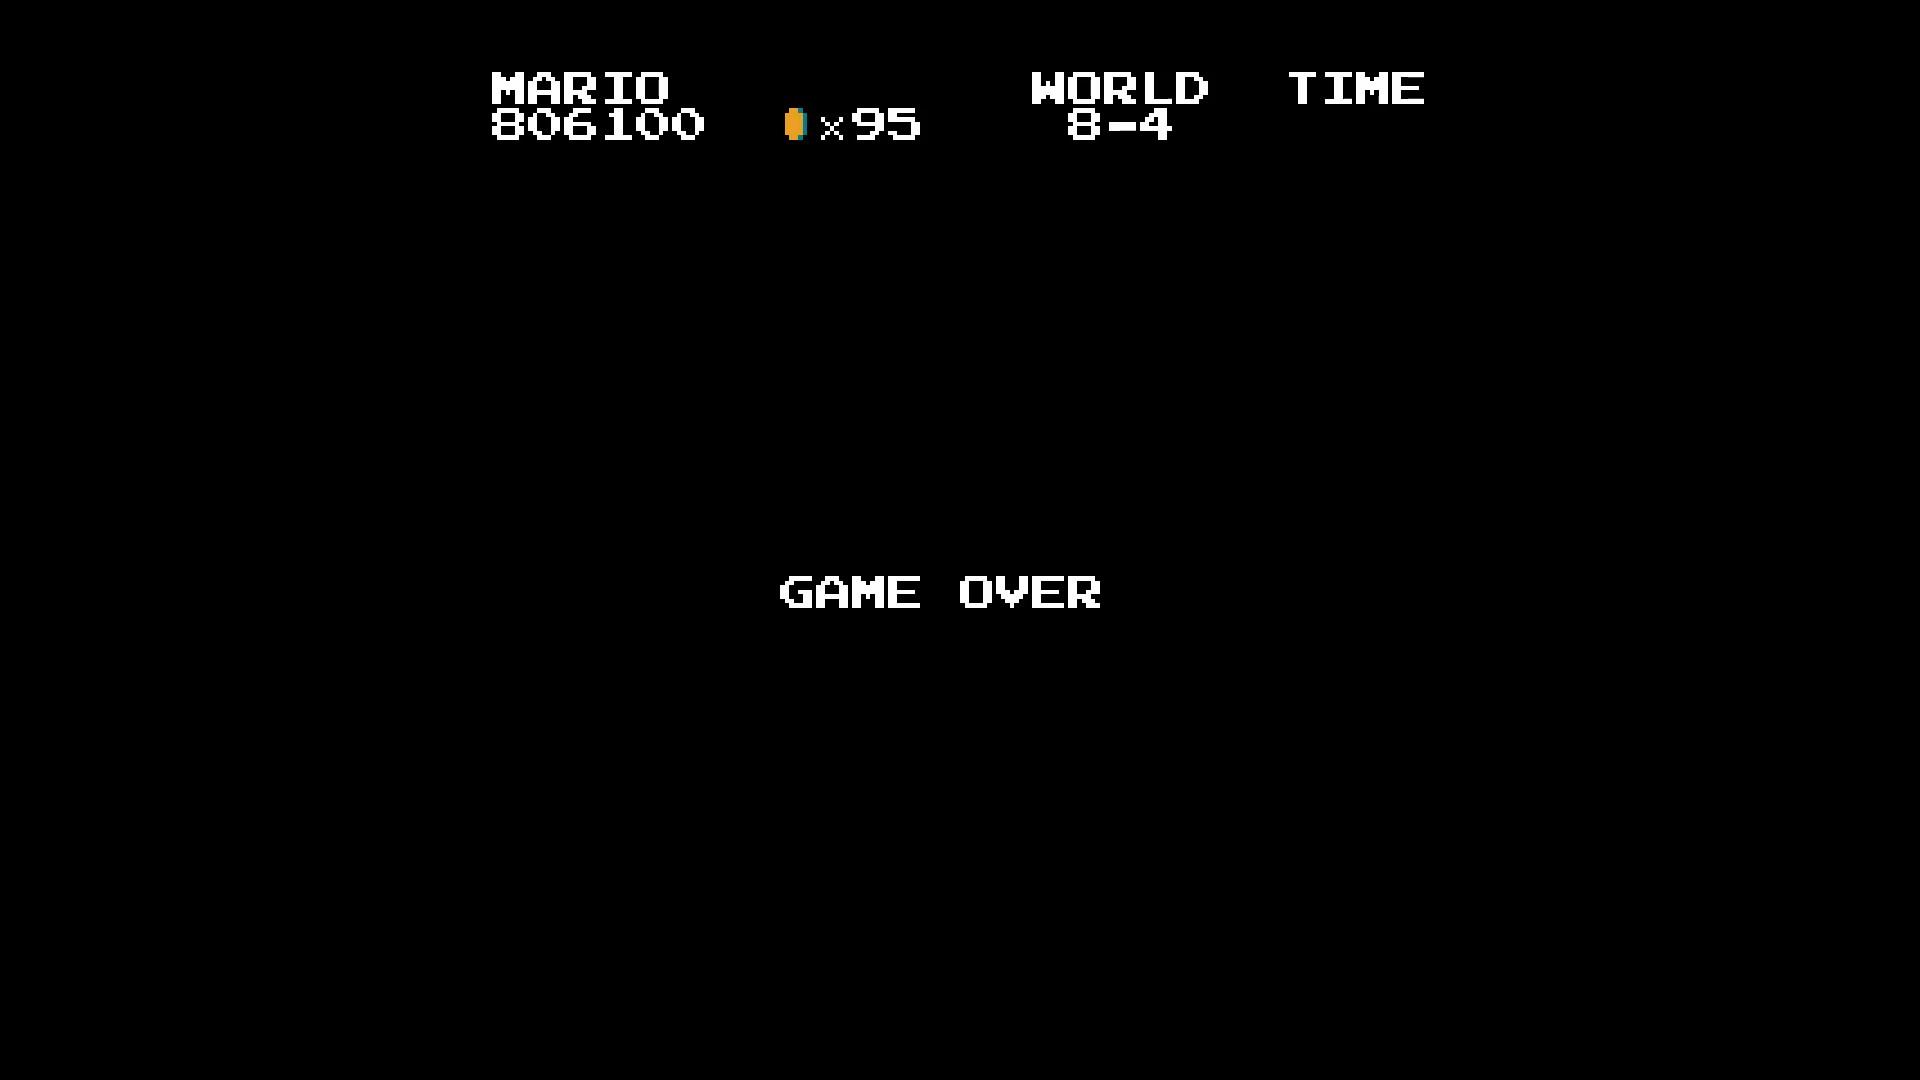 Super Mario Bros. [No Farming] 806,100 points